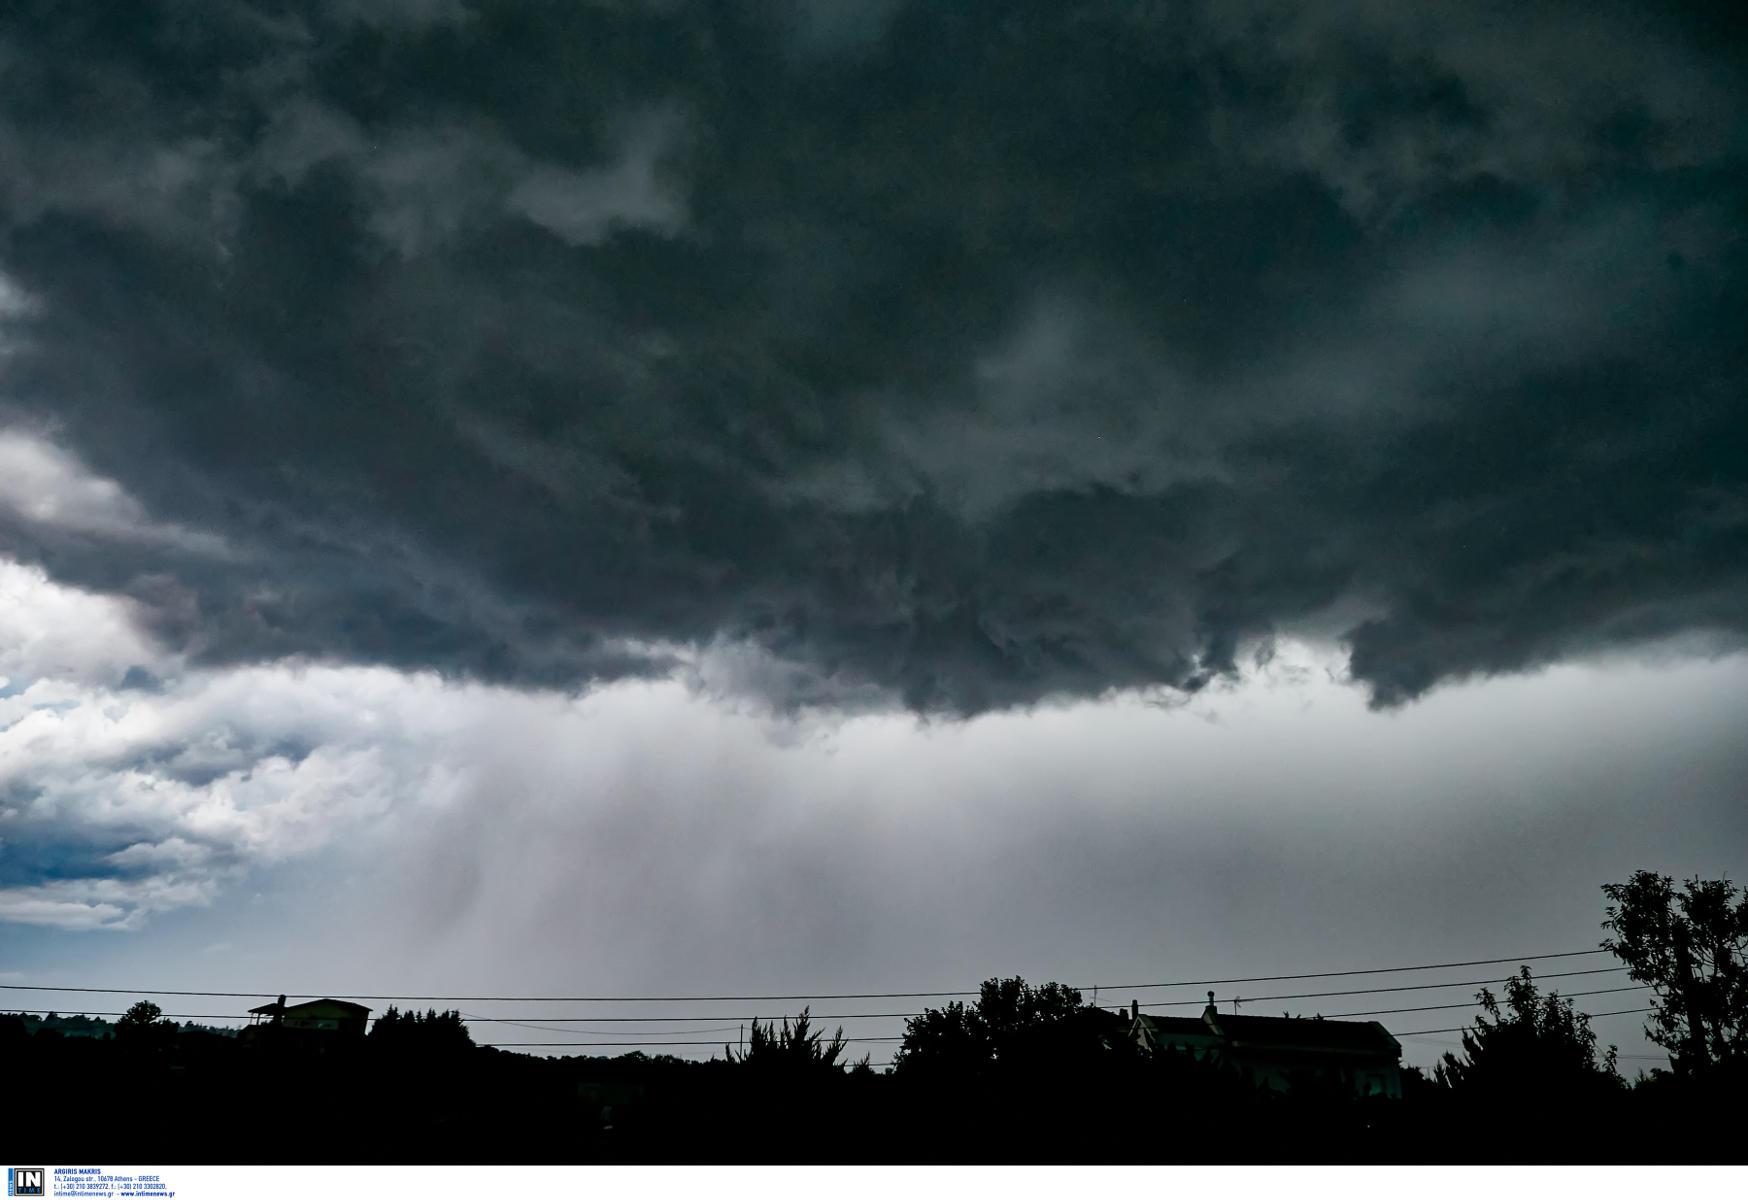 Καιρός: Έκτακτο δελτίο επιδείνωσης από την ΕΜΥ – Πού θα εκδηλωθούν ισχυρές καταιγίδες